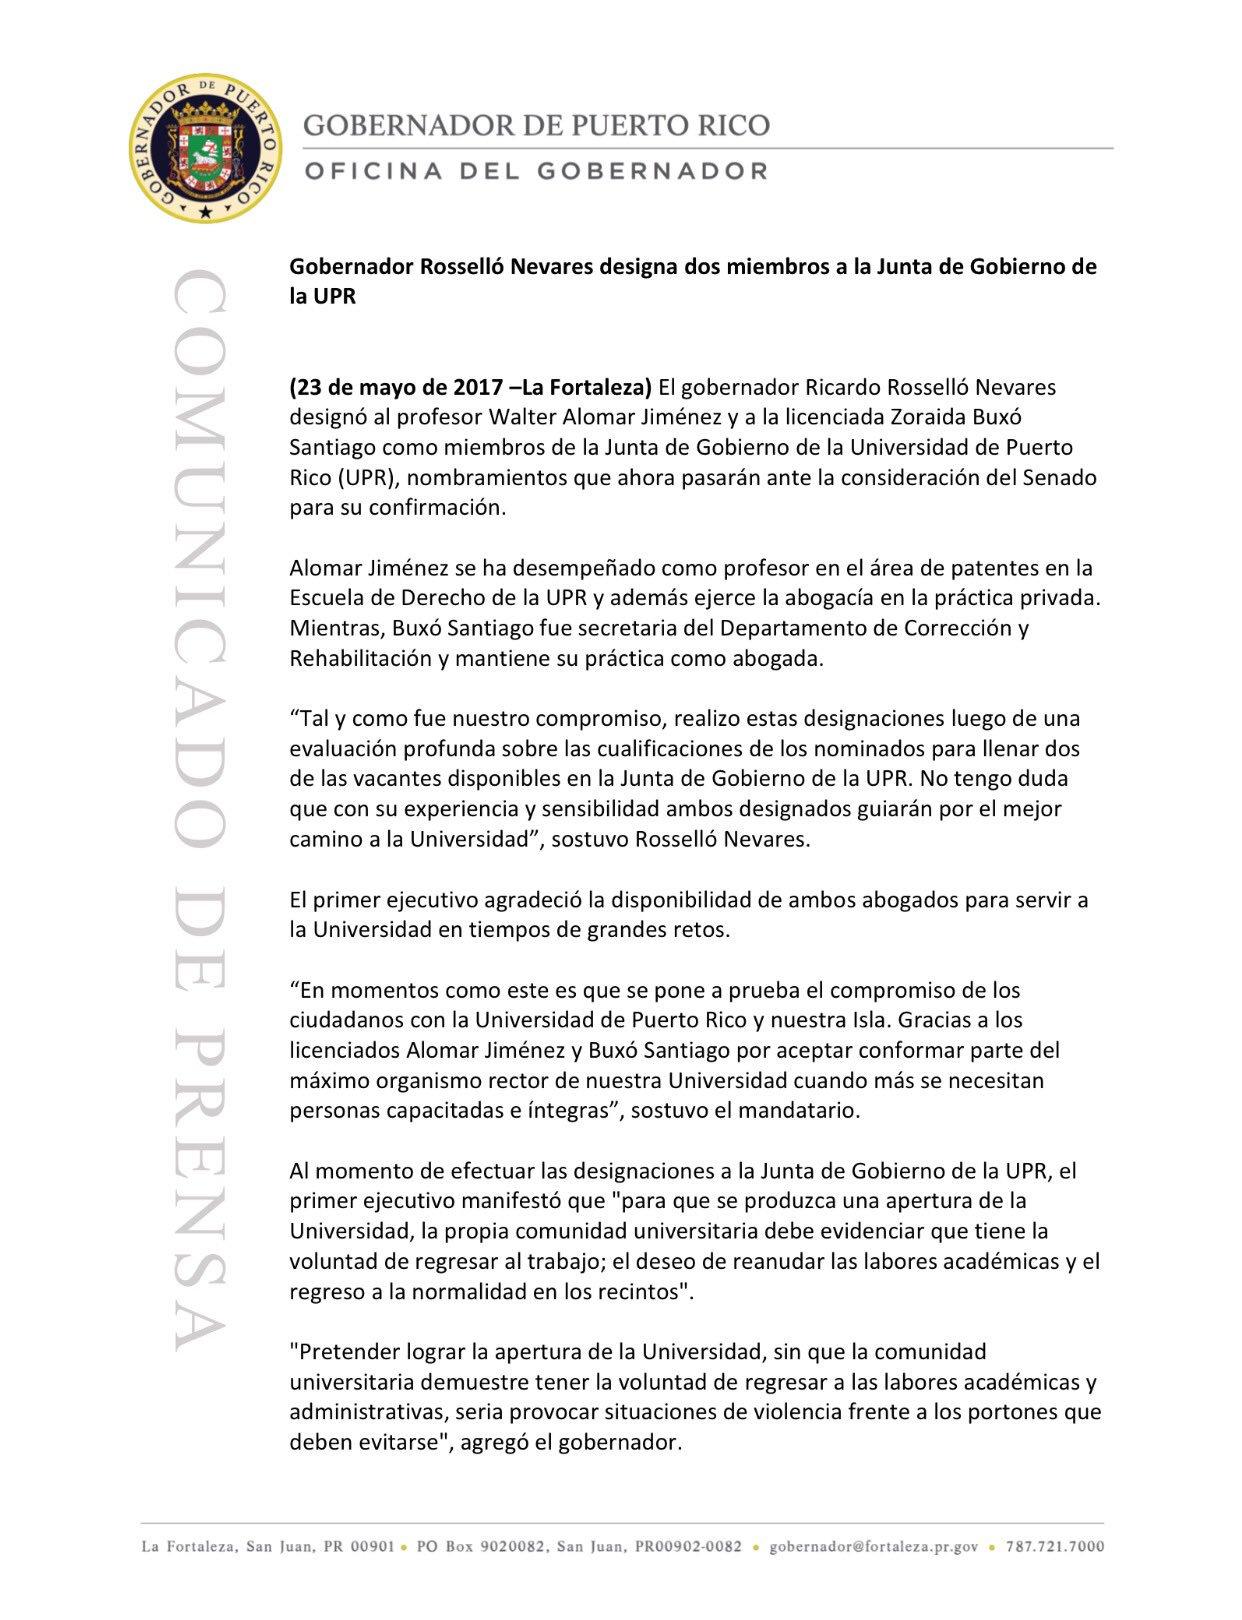 Famoso Currículum De Corrección Colección - Ejemplo De Colección De ...